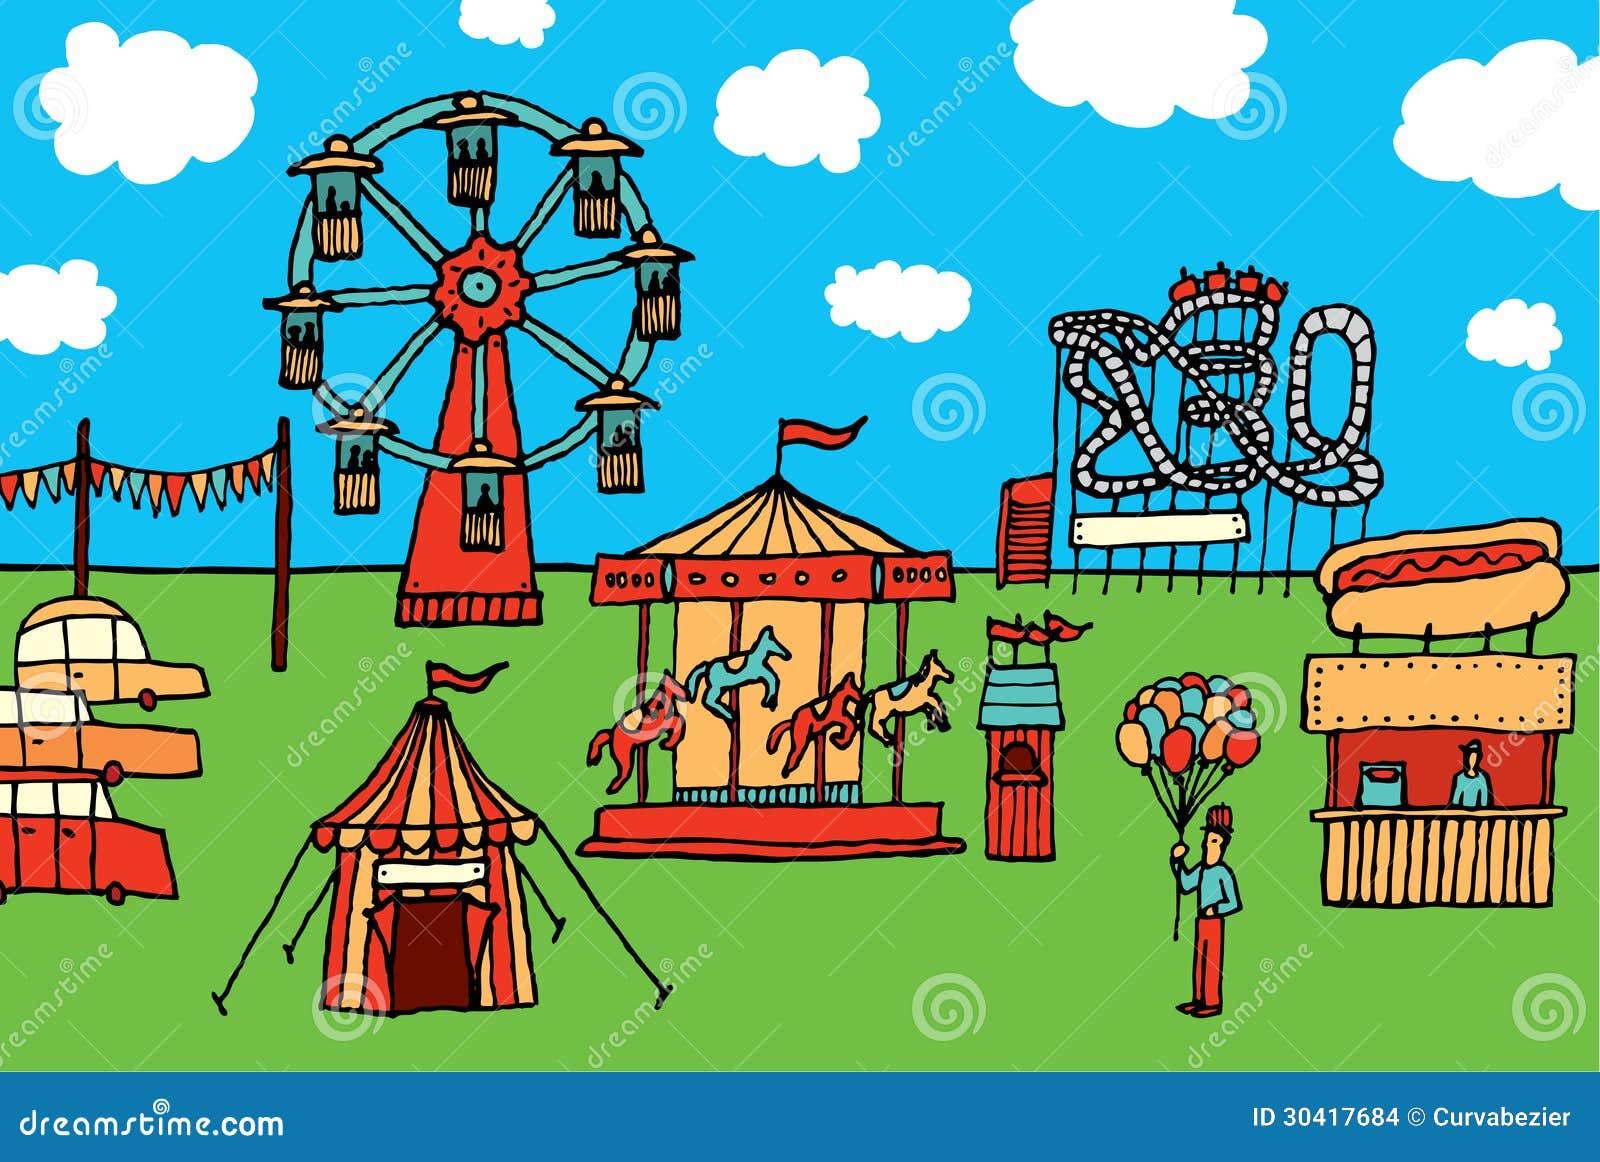 Laminas De Atracciones De Feria Para Pintar: Parque De Atracciones Del Carnaval/de La Historieta